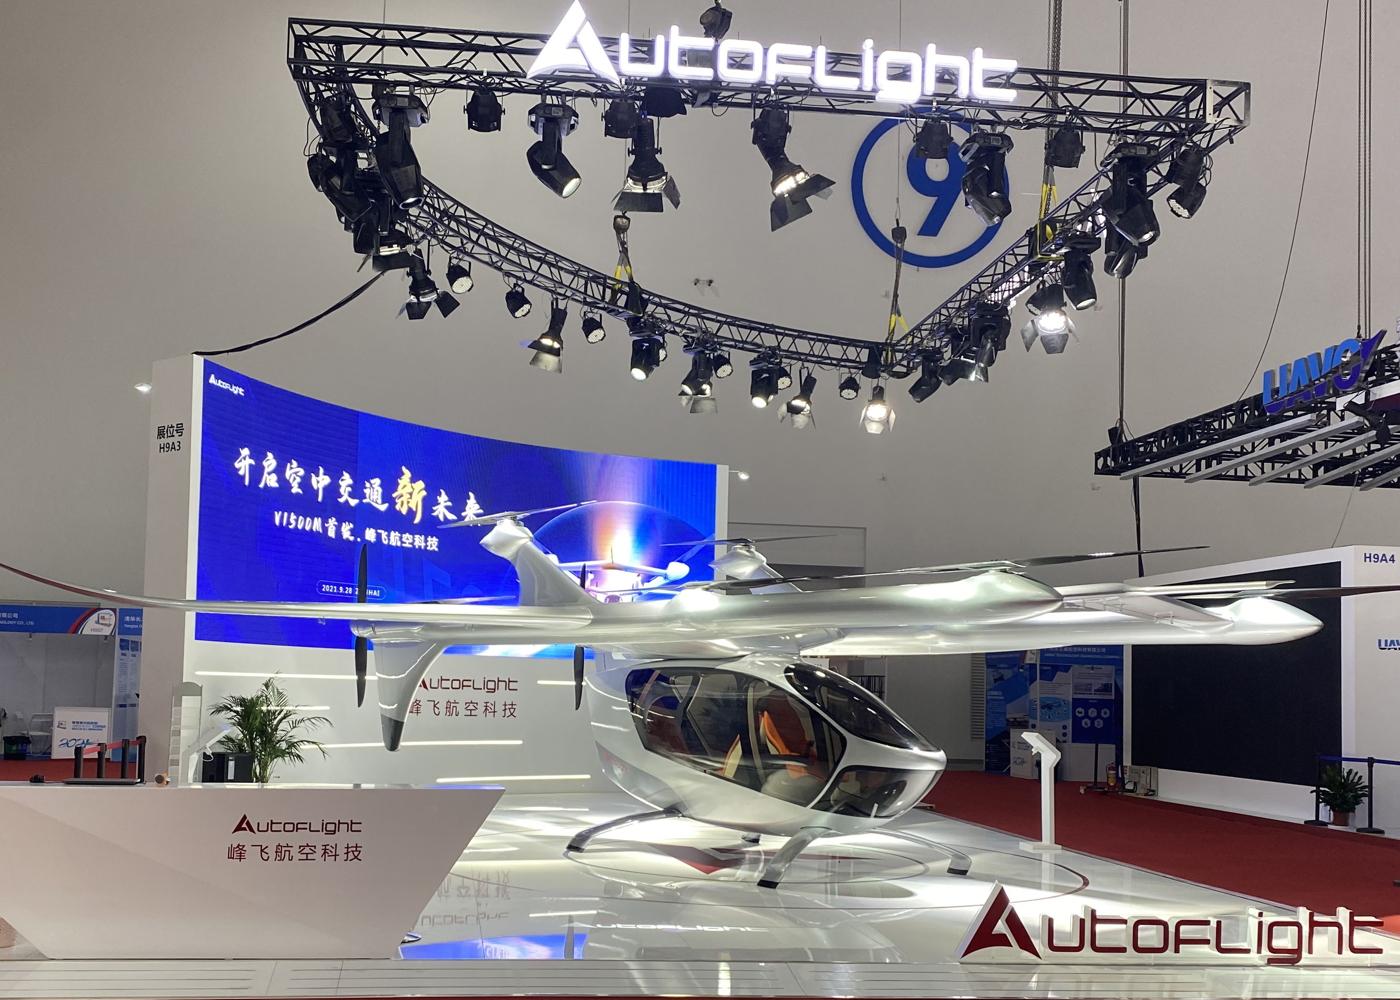 AutoFlight V1500M Zhuhai